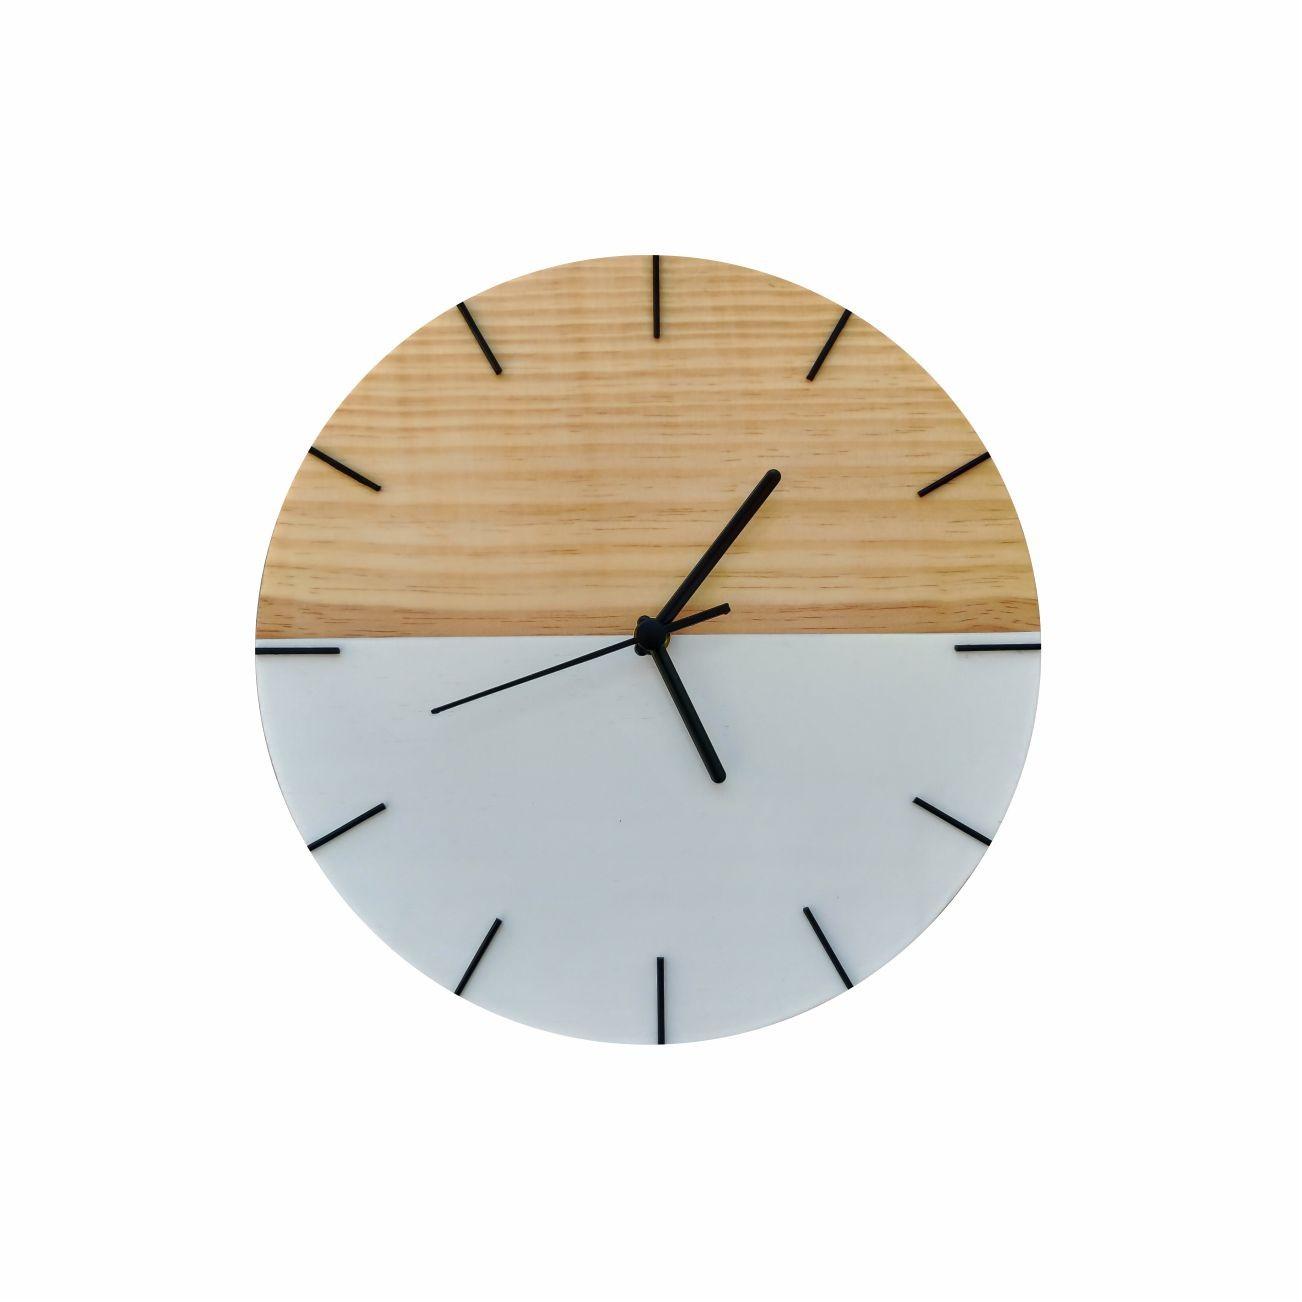 Relógio de Parede Minimalista em Madeira Branco 28cm